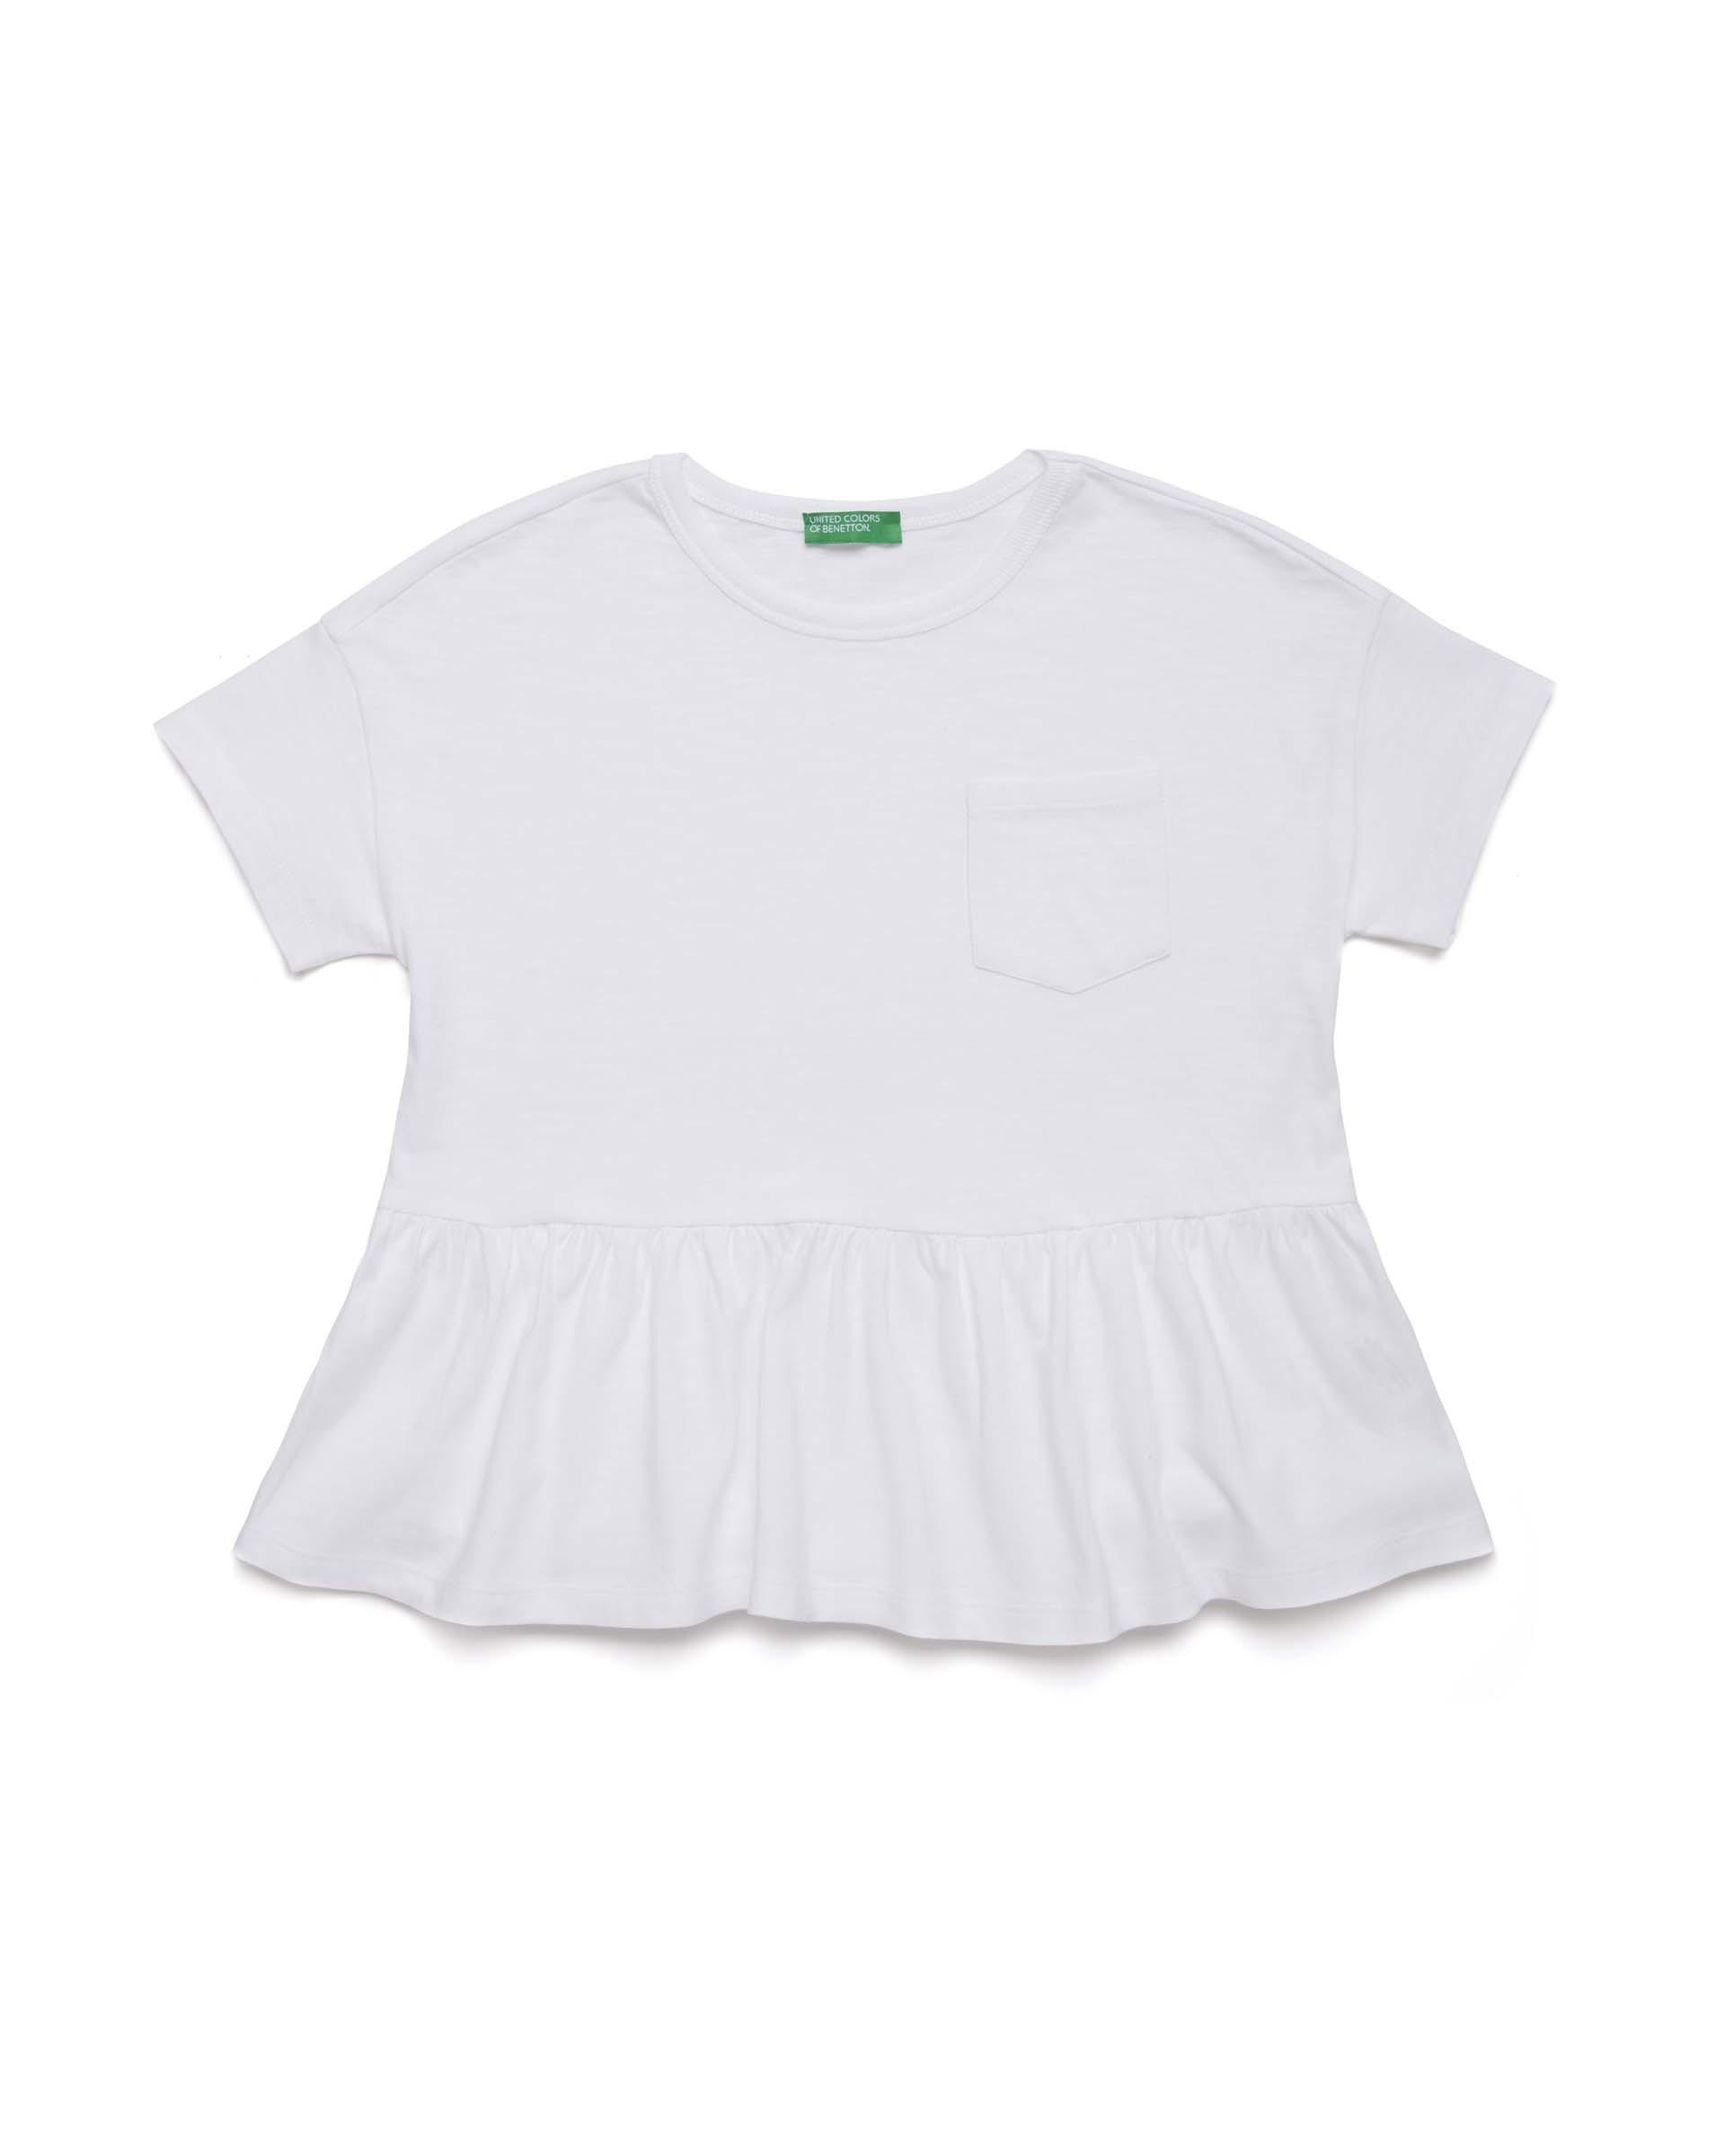 Купить 20P_3BVXC14LV_101, Футболка для девочек Benetton 3BVXC14LV_101 р-р 170, United Colors of Benetton, Футболки для девочек